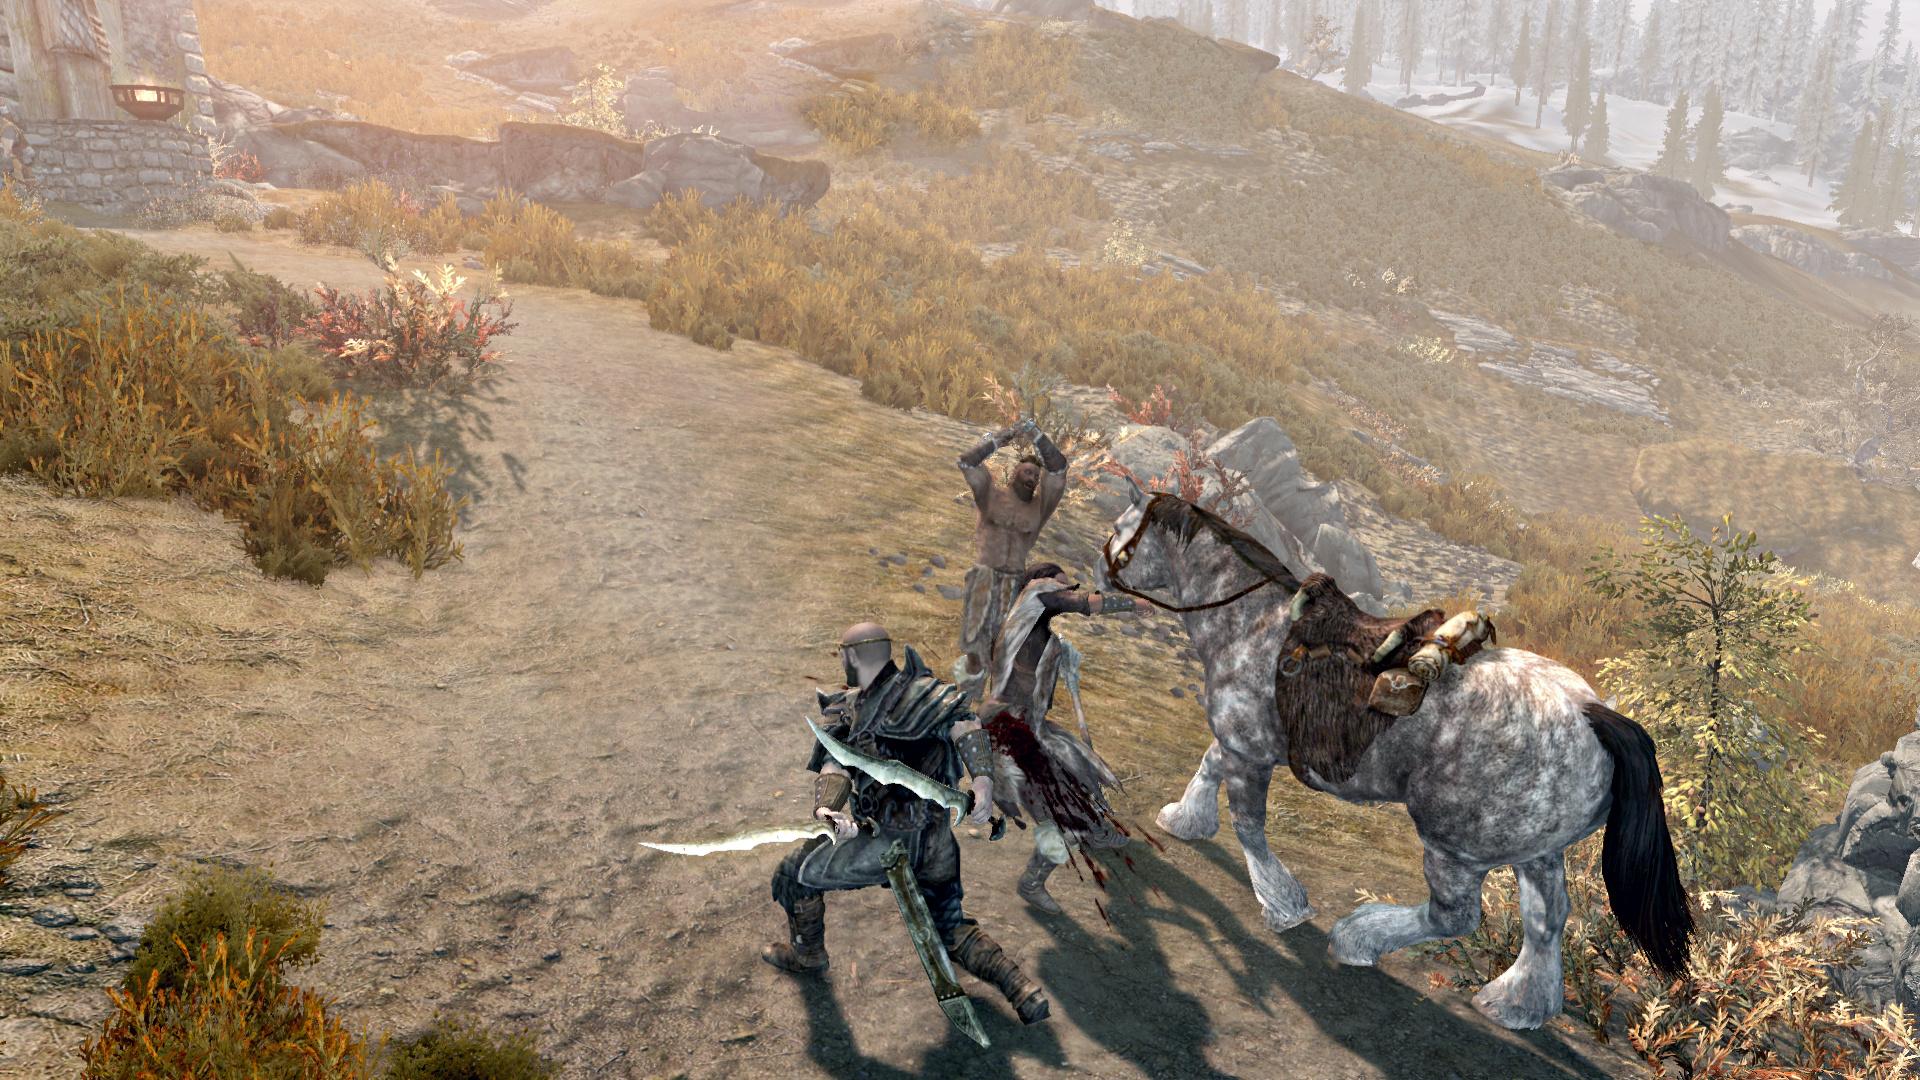 SkyrimSE 2019-11-26 23-17-09-97.jpg - The Elder Scrolls 5: Skyrim